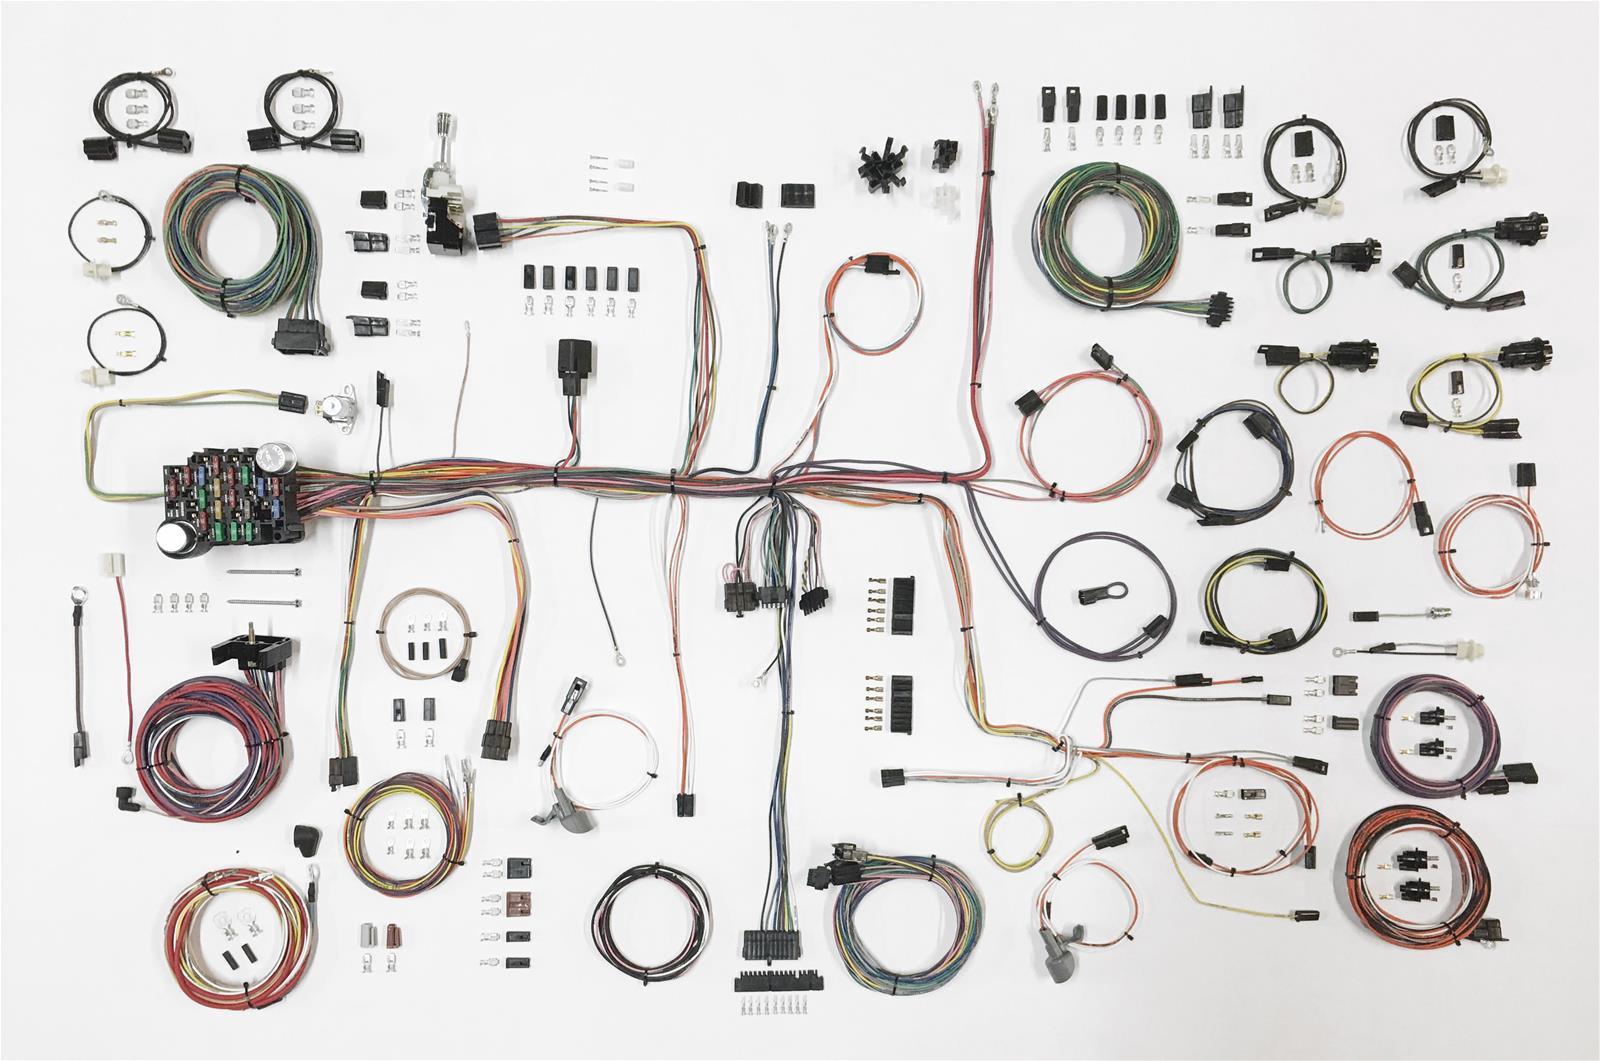 Grand Prix Auto Wiring Harness Kits 68 72 Oldsmobile Cutlass Kit